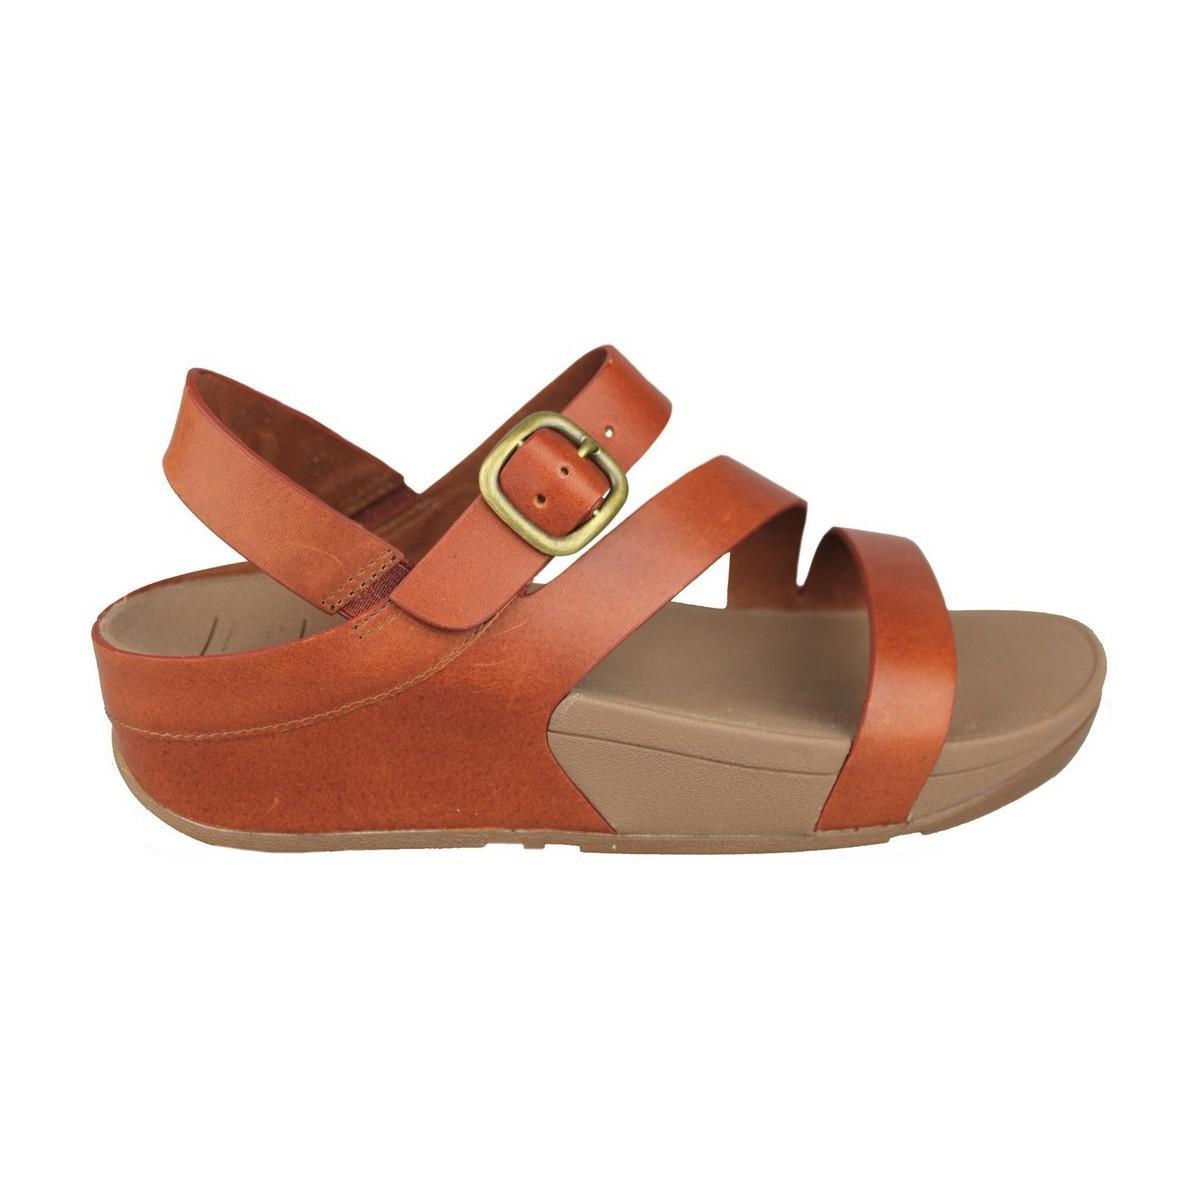 FitFlop THE SKINNY SANDAL HEBILLA women's Sandals in Wiki Sale Online z2fOE